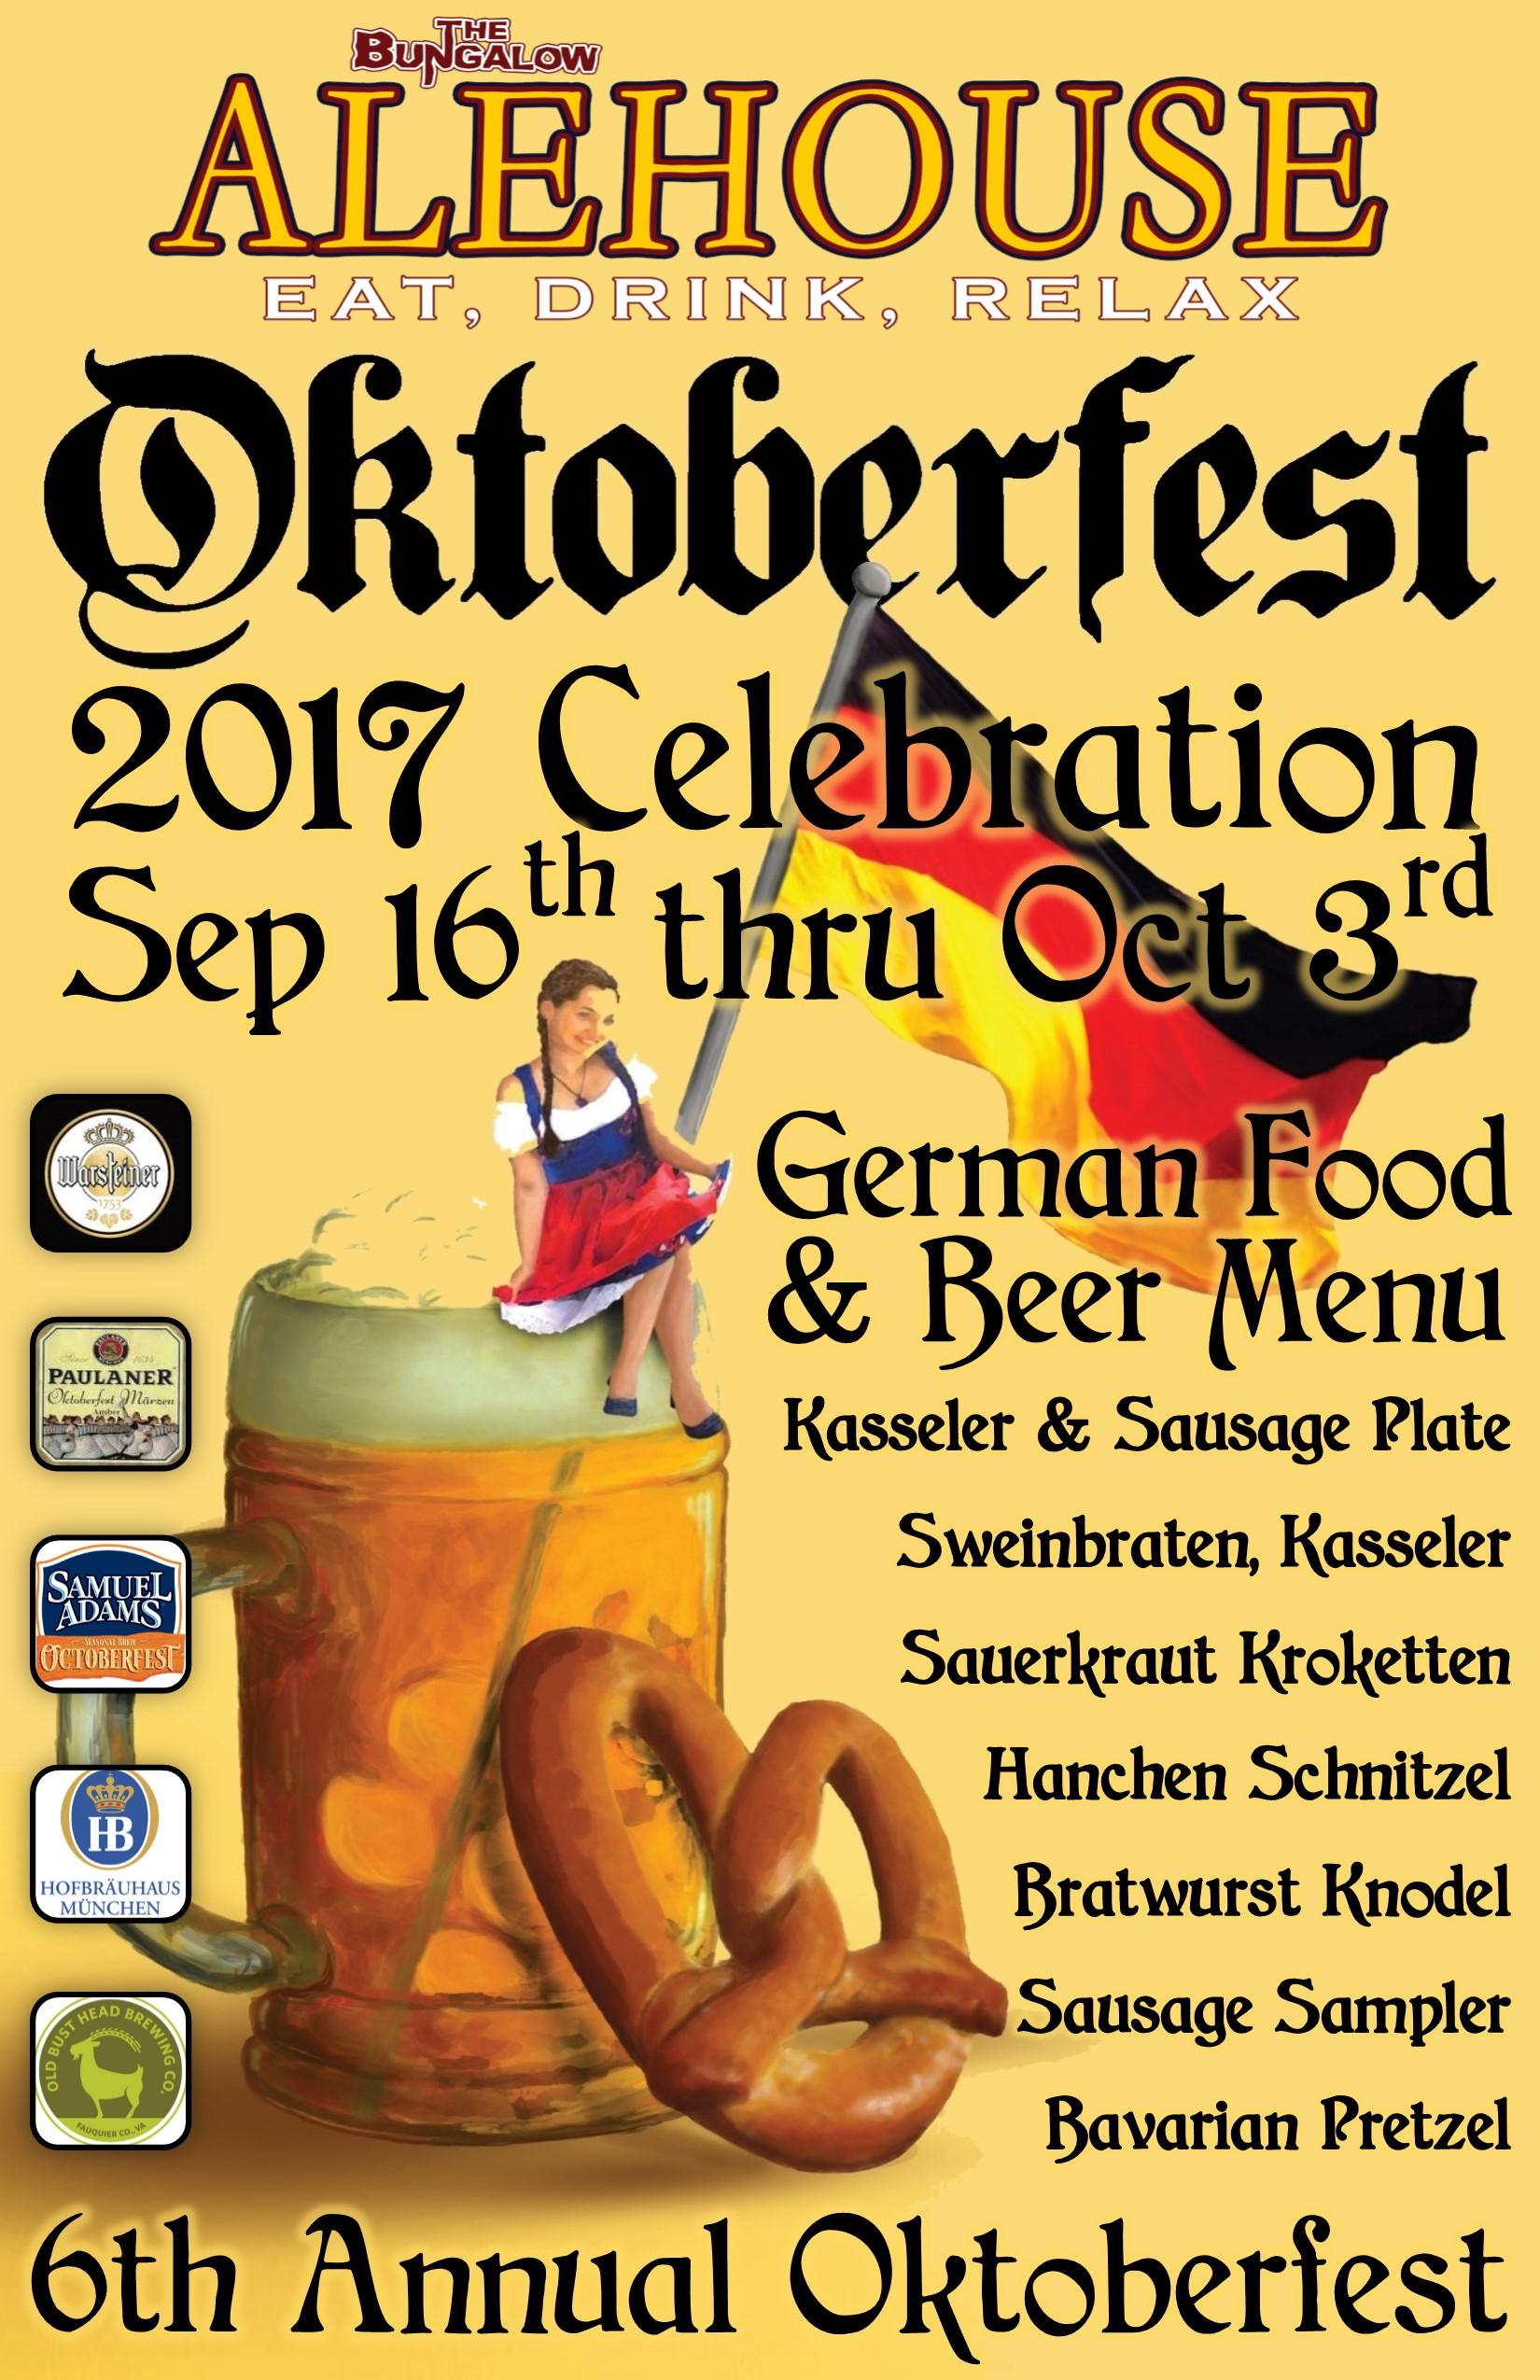 Alehouse Oktoberfest  2017 11x17